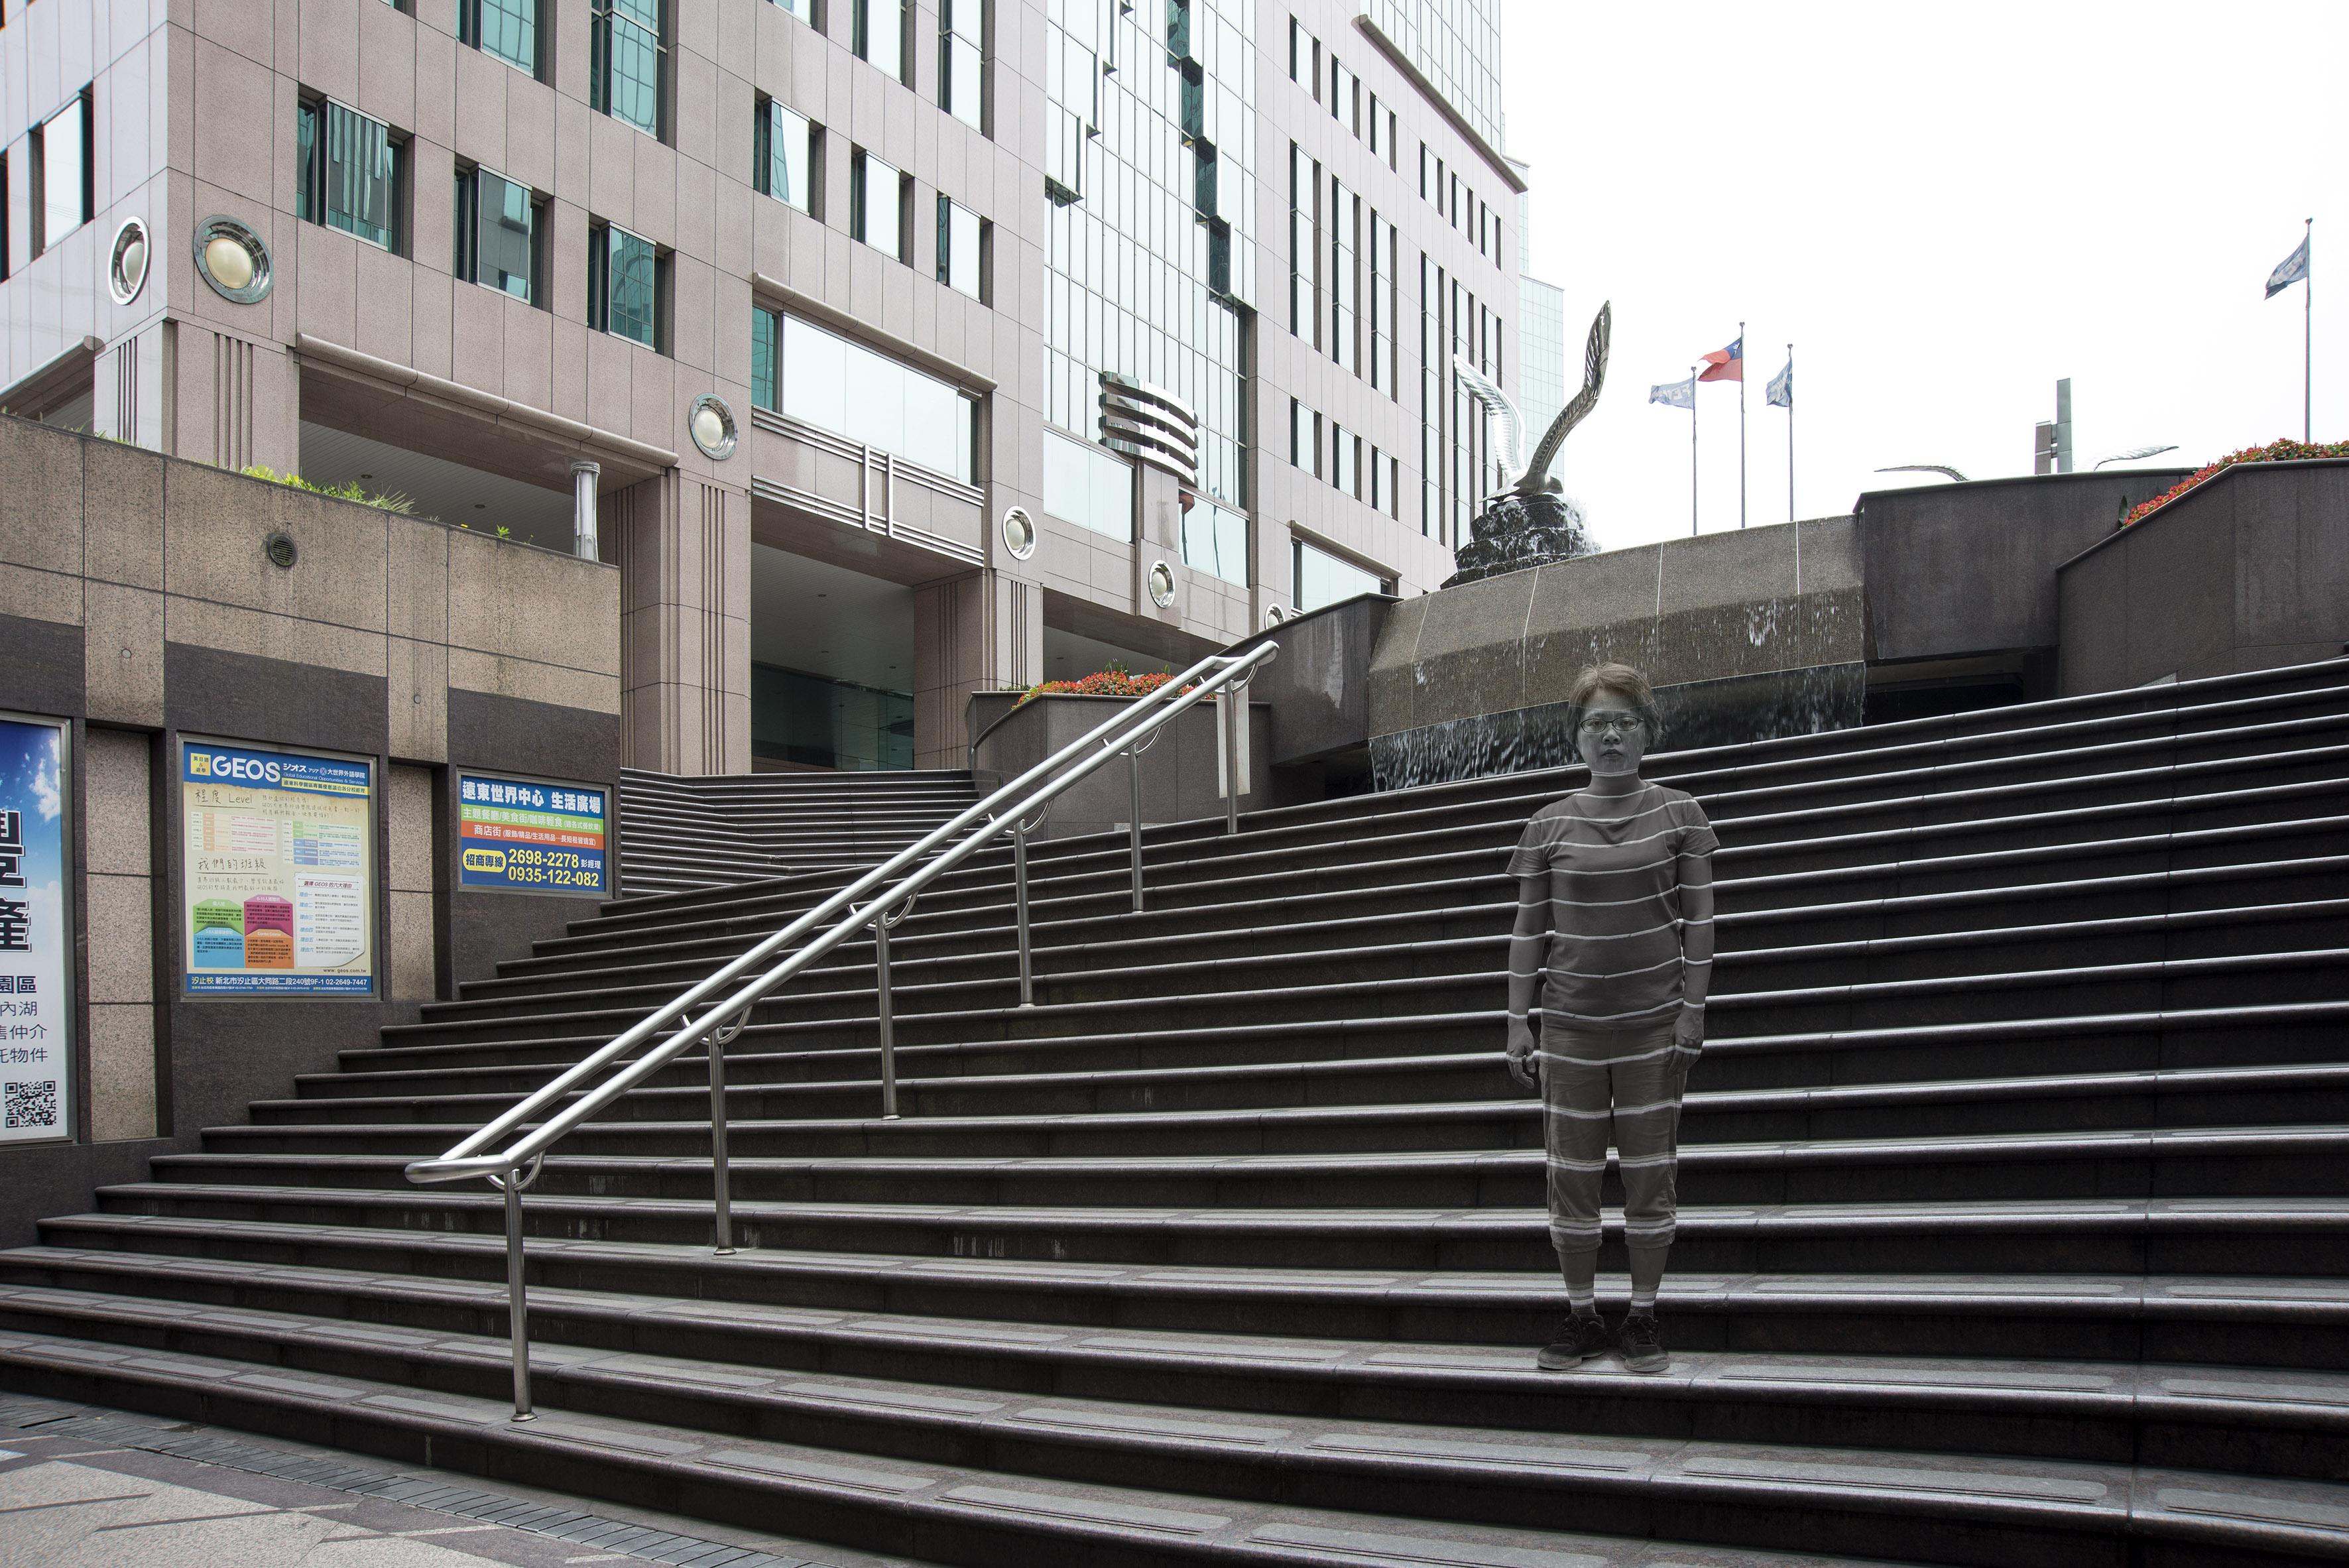 郭慧禪  | 城市記憶03   60x90cm 的圖說